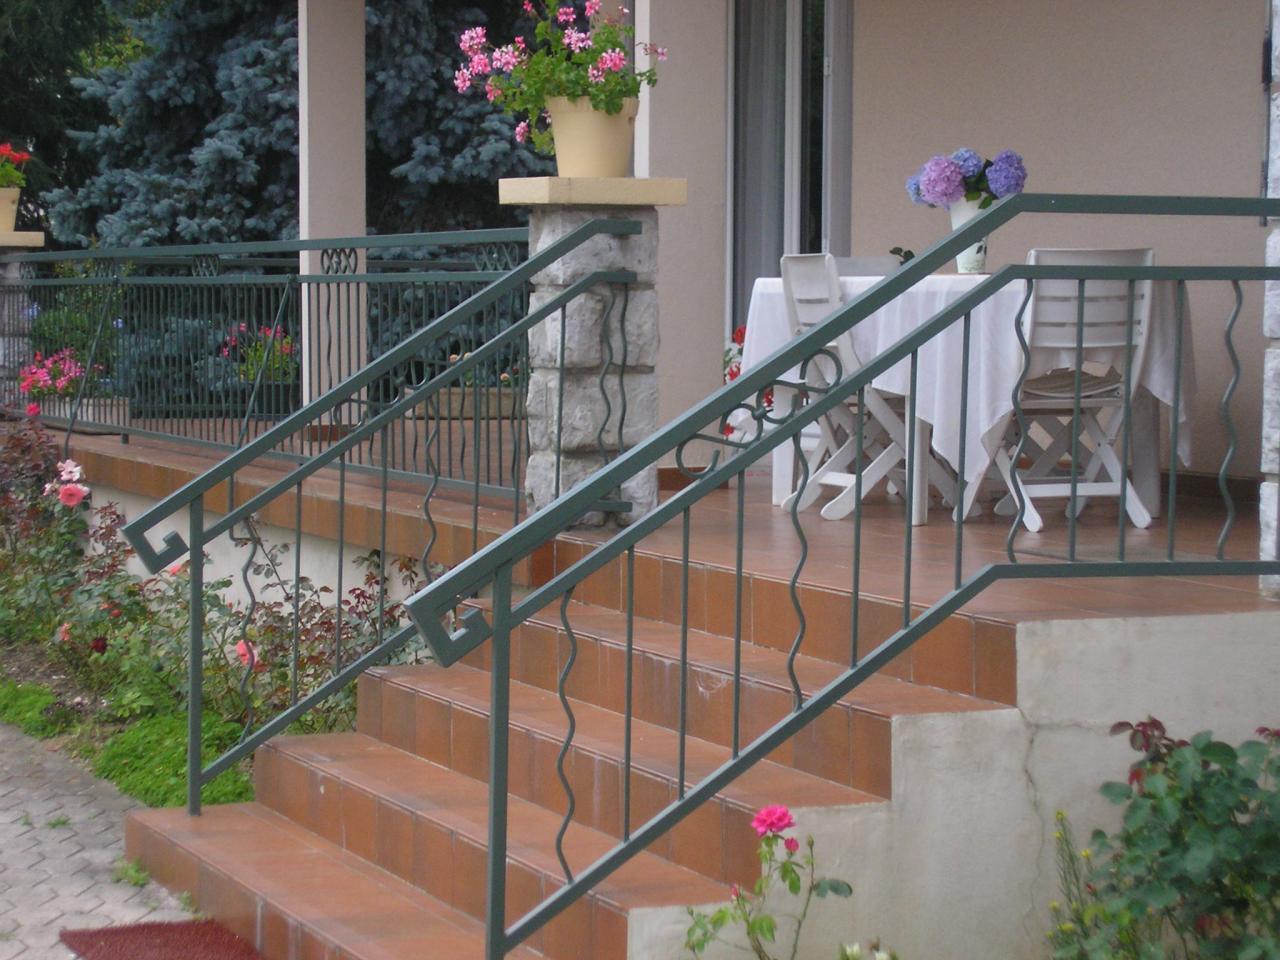 garde corps escalier barreaudage vertical. Black Bedroom Furniture Sets. Home Design Ideas